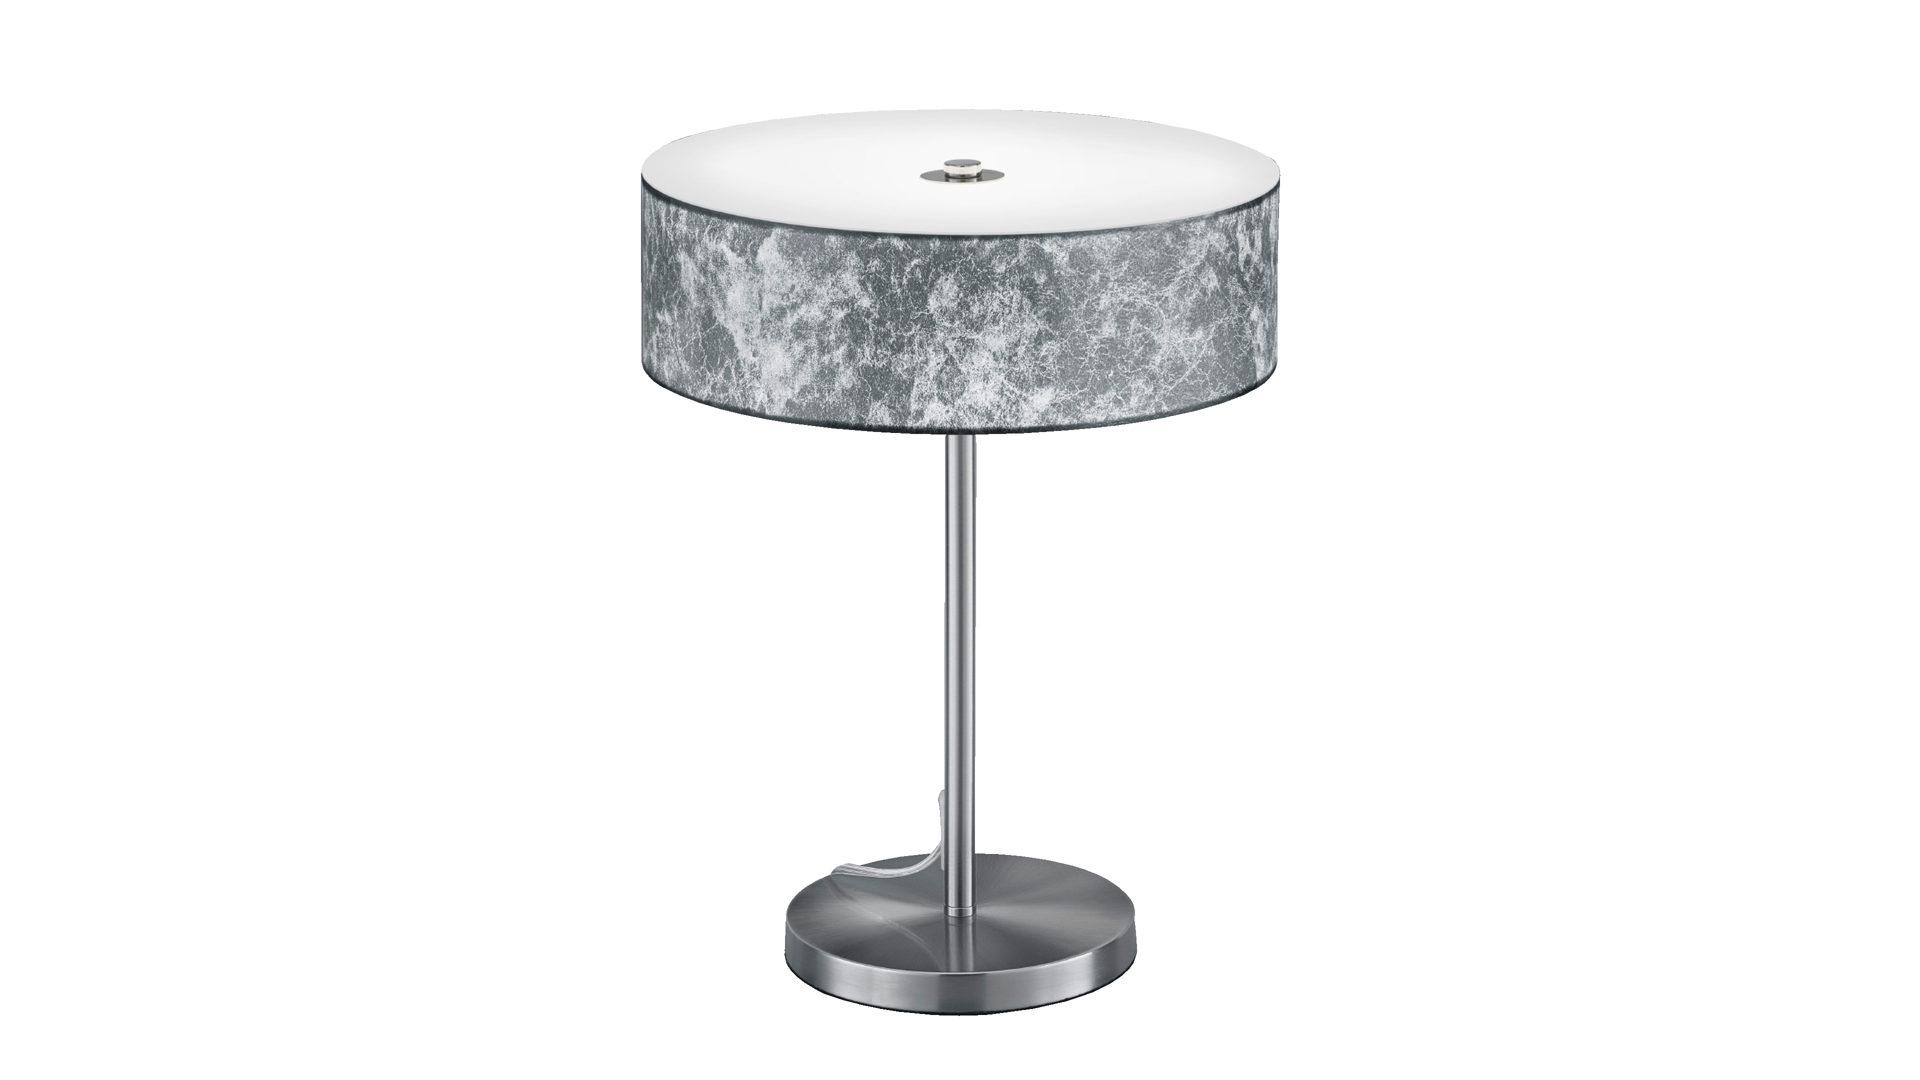 Möbel Busch , Räume, Esszimmer, Lampen + Leuchten, LED Tischleuchte, LED Tischleuchte,  Silberfarbener Lampenschirm U2013 Höhe Ca. 40 Cm